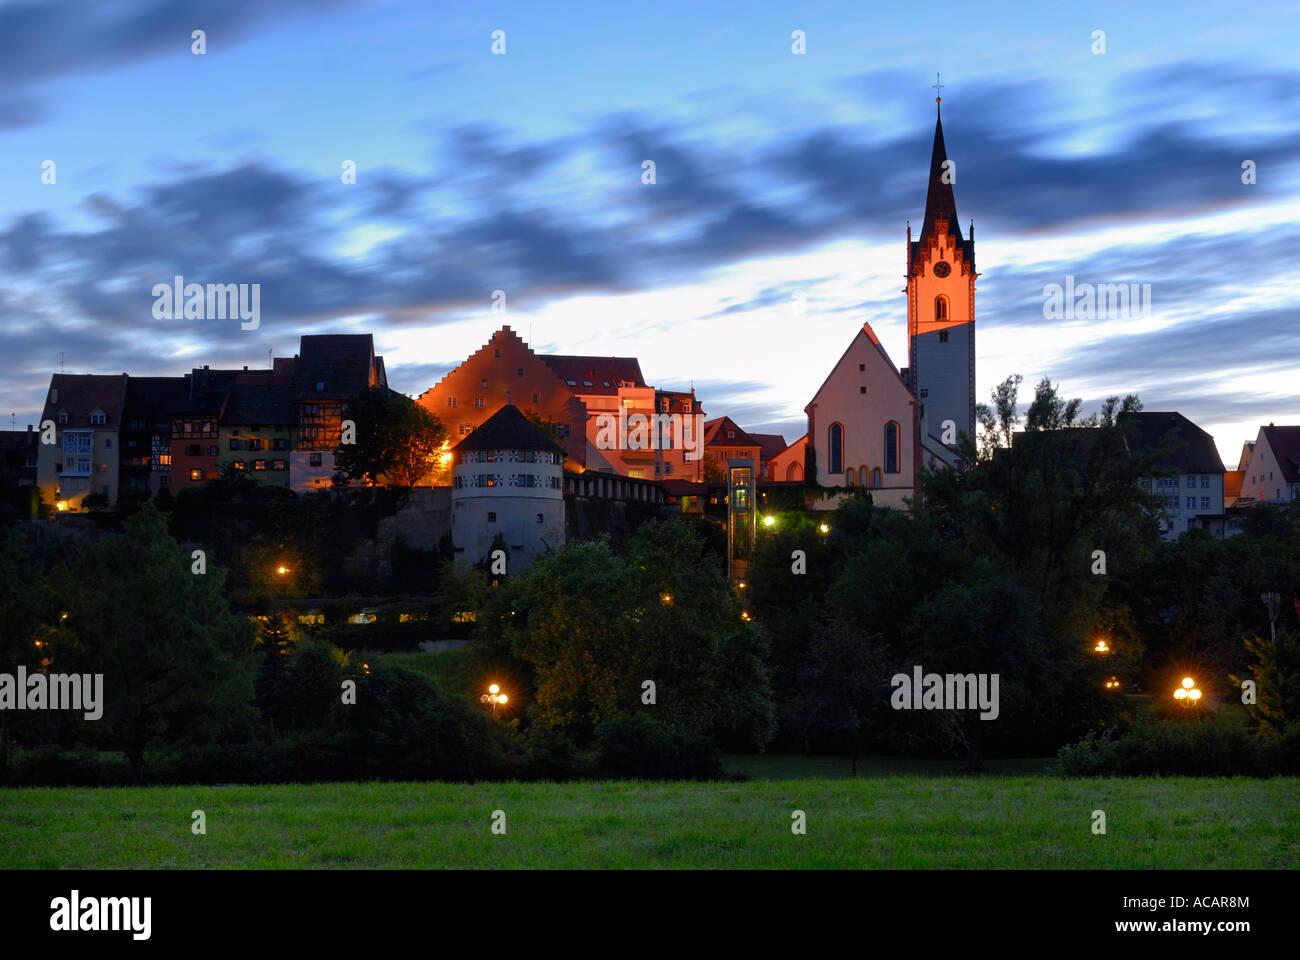 Silueta de la vieja ciudad de Engen, Baden Wuerttemberg, Alemania, Europa. Foto de stock